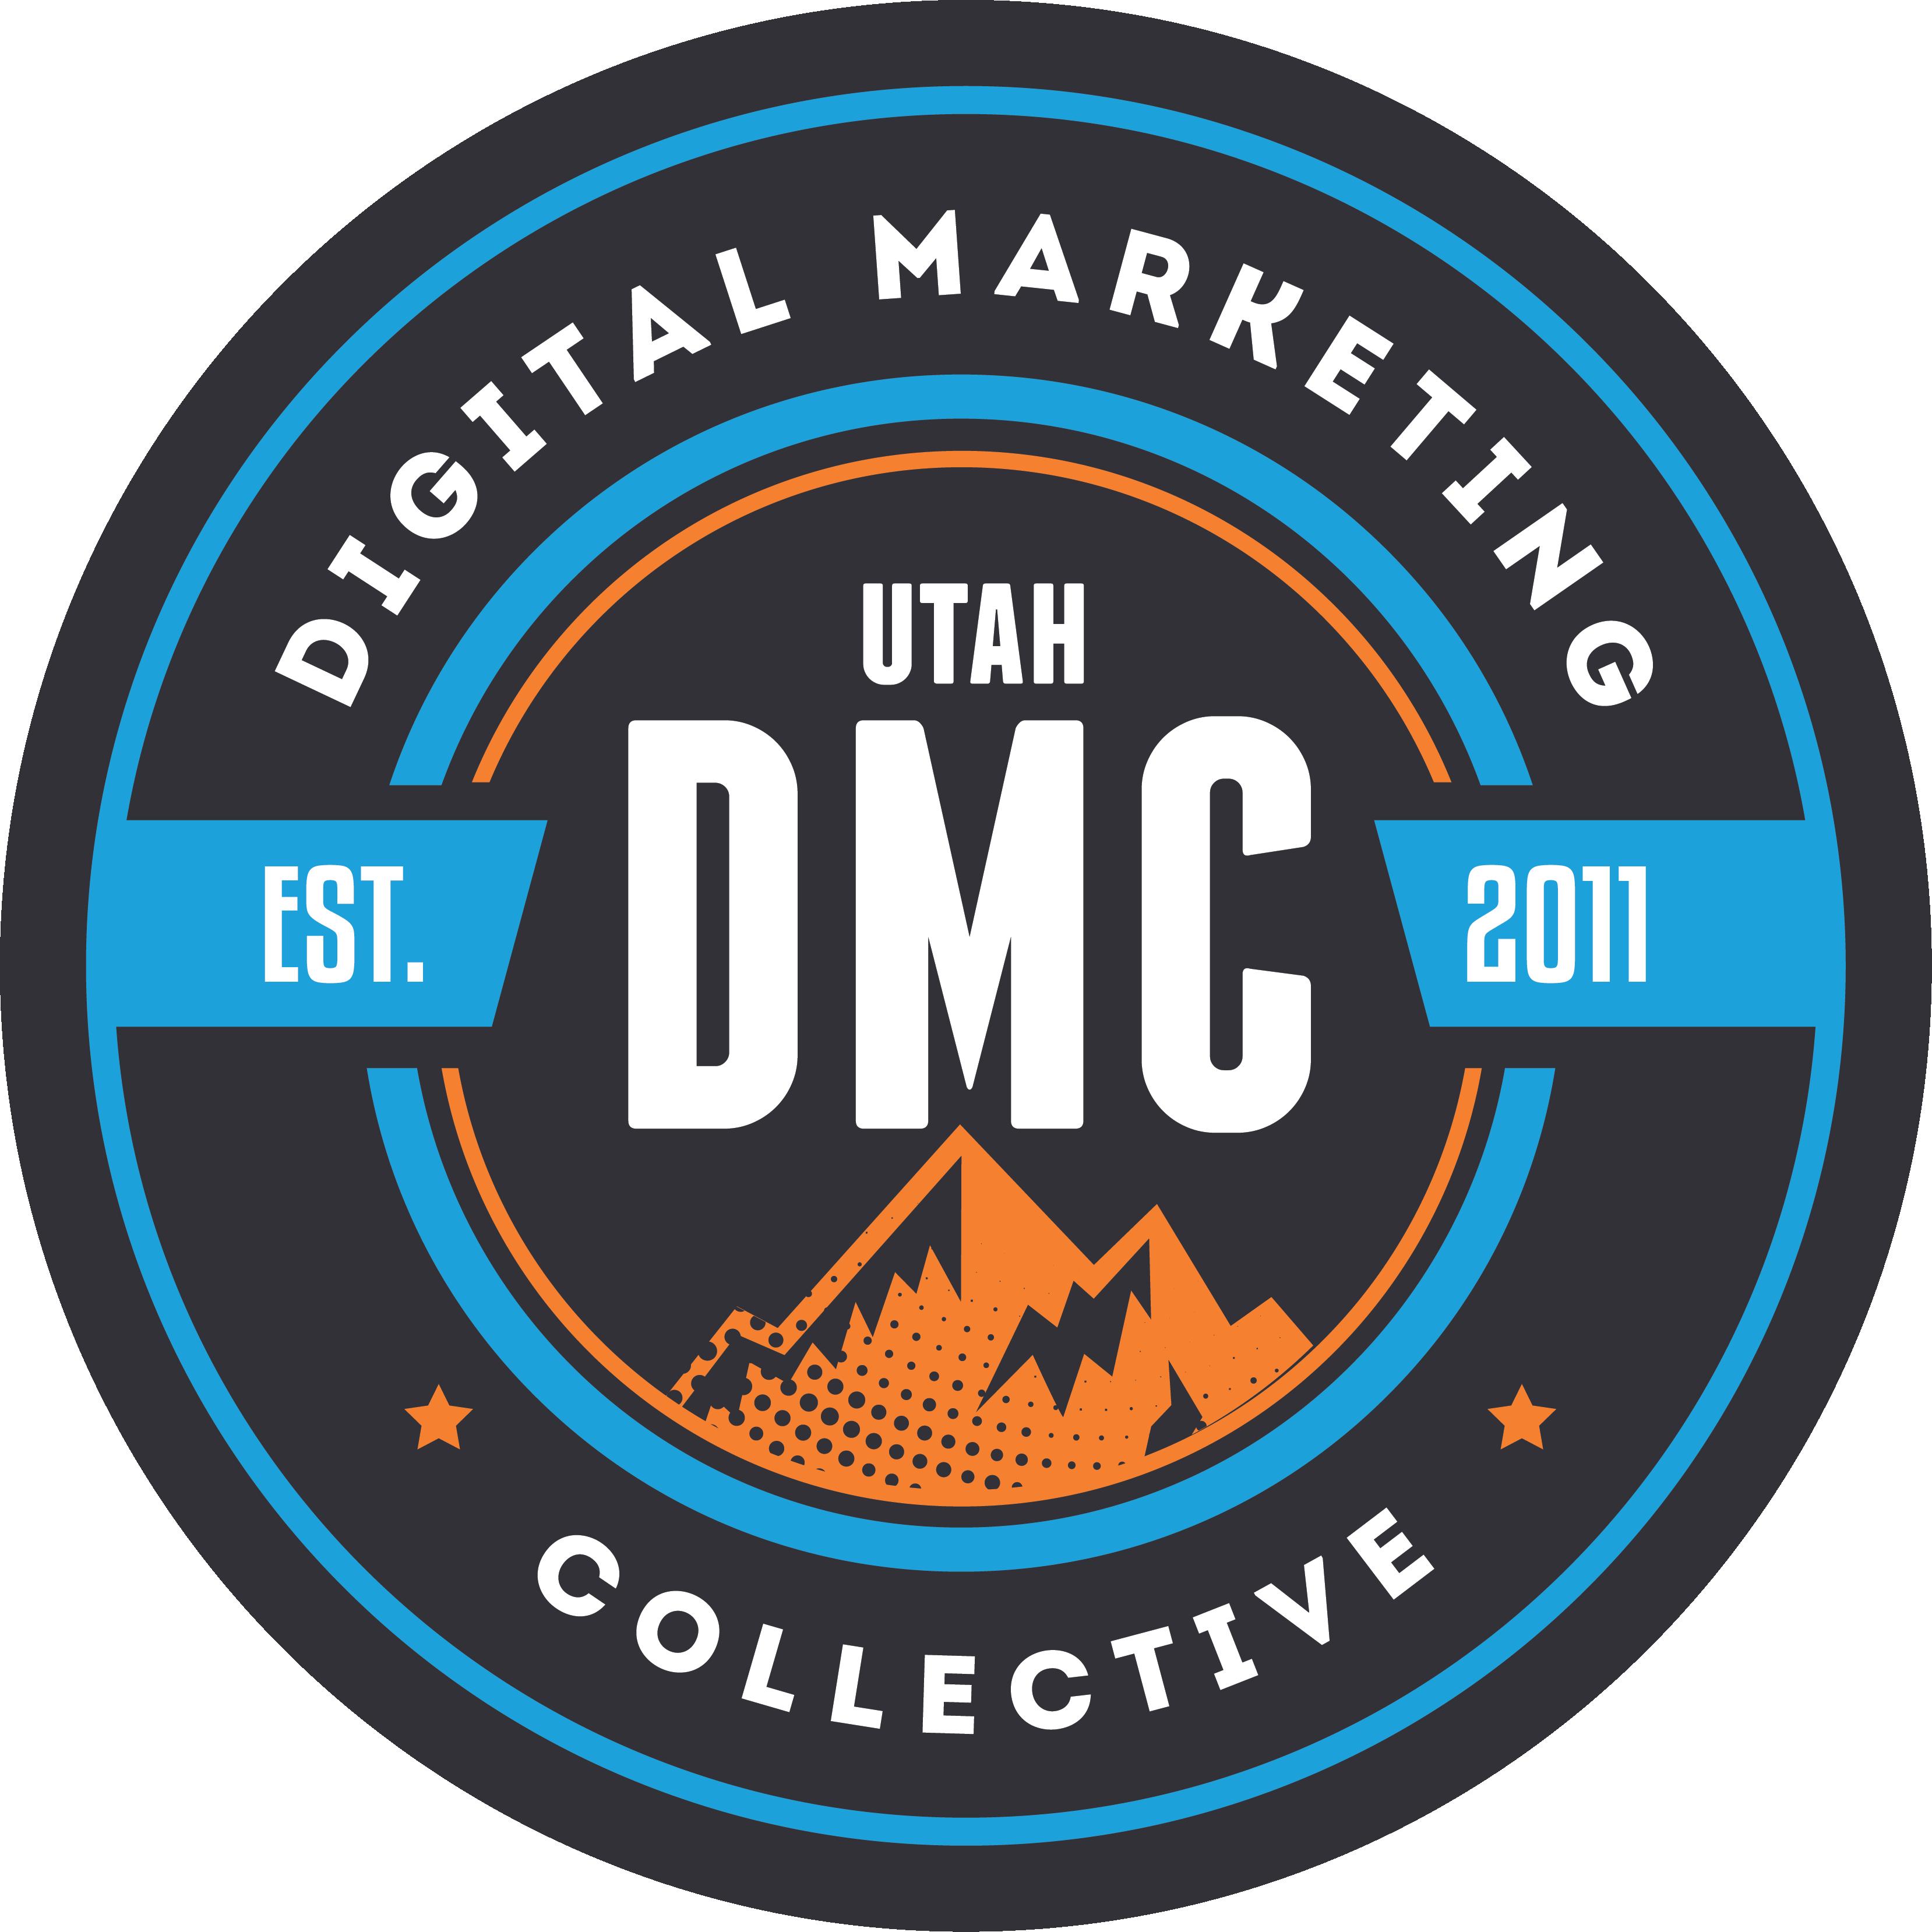 Utah DMC.